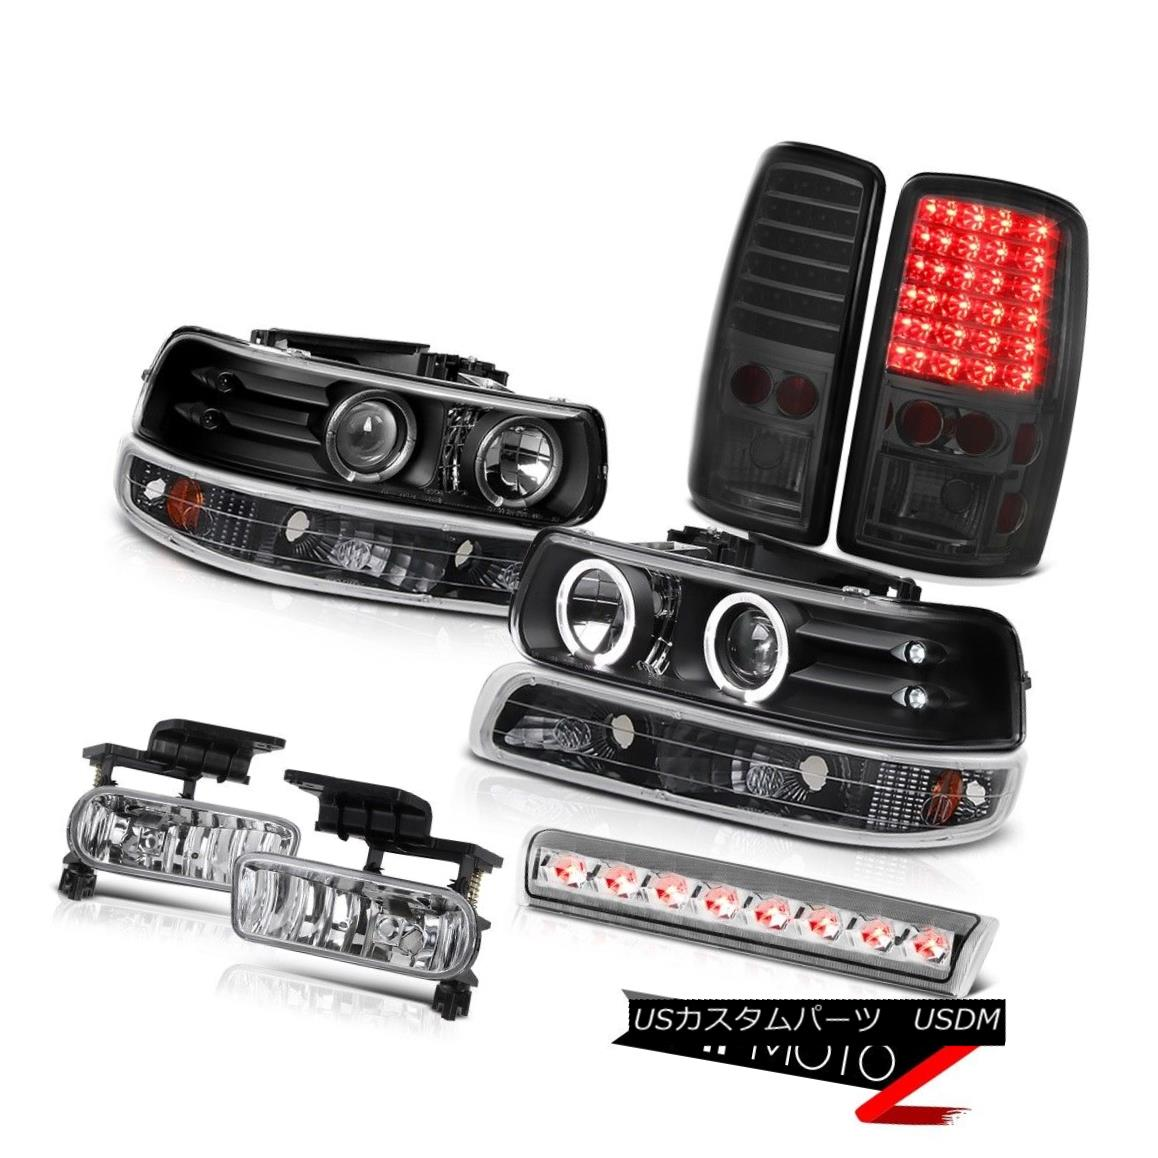 テールライト 00-06 Chevy Suburban LS Third brake lamp foglamps taillamps signal Headlights 00-06シボレー郊外LS第3ブレーキランプフォグランプテールランプ信号ヘッドライト